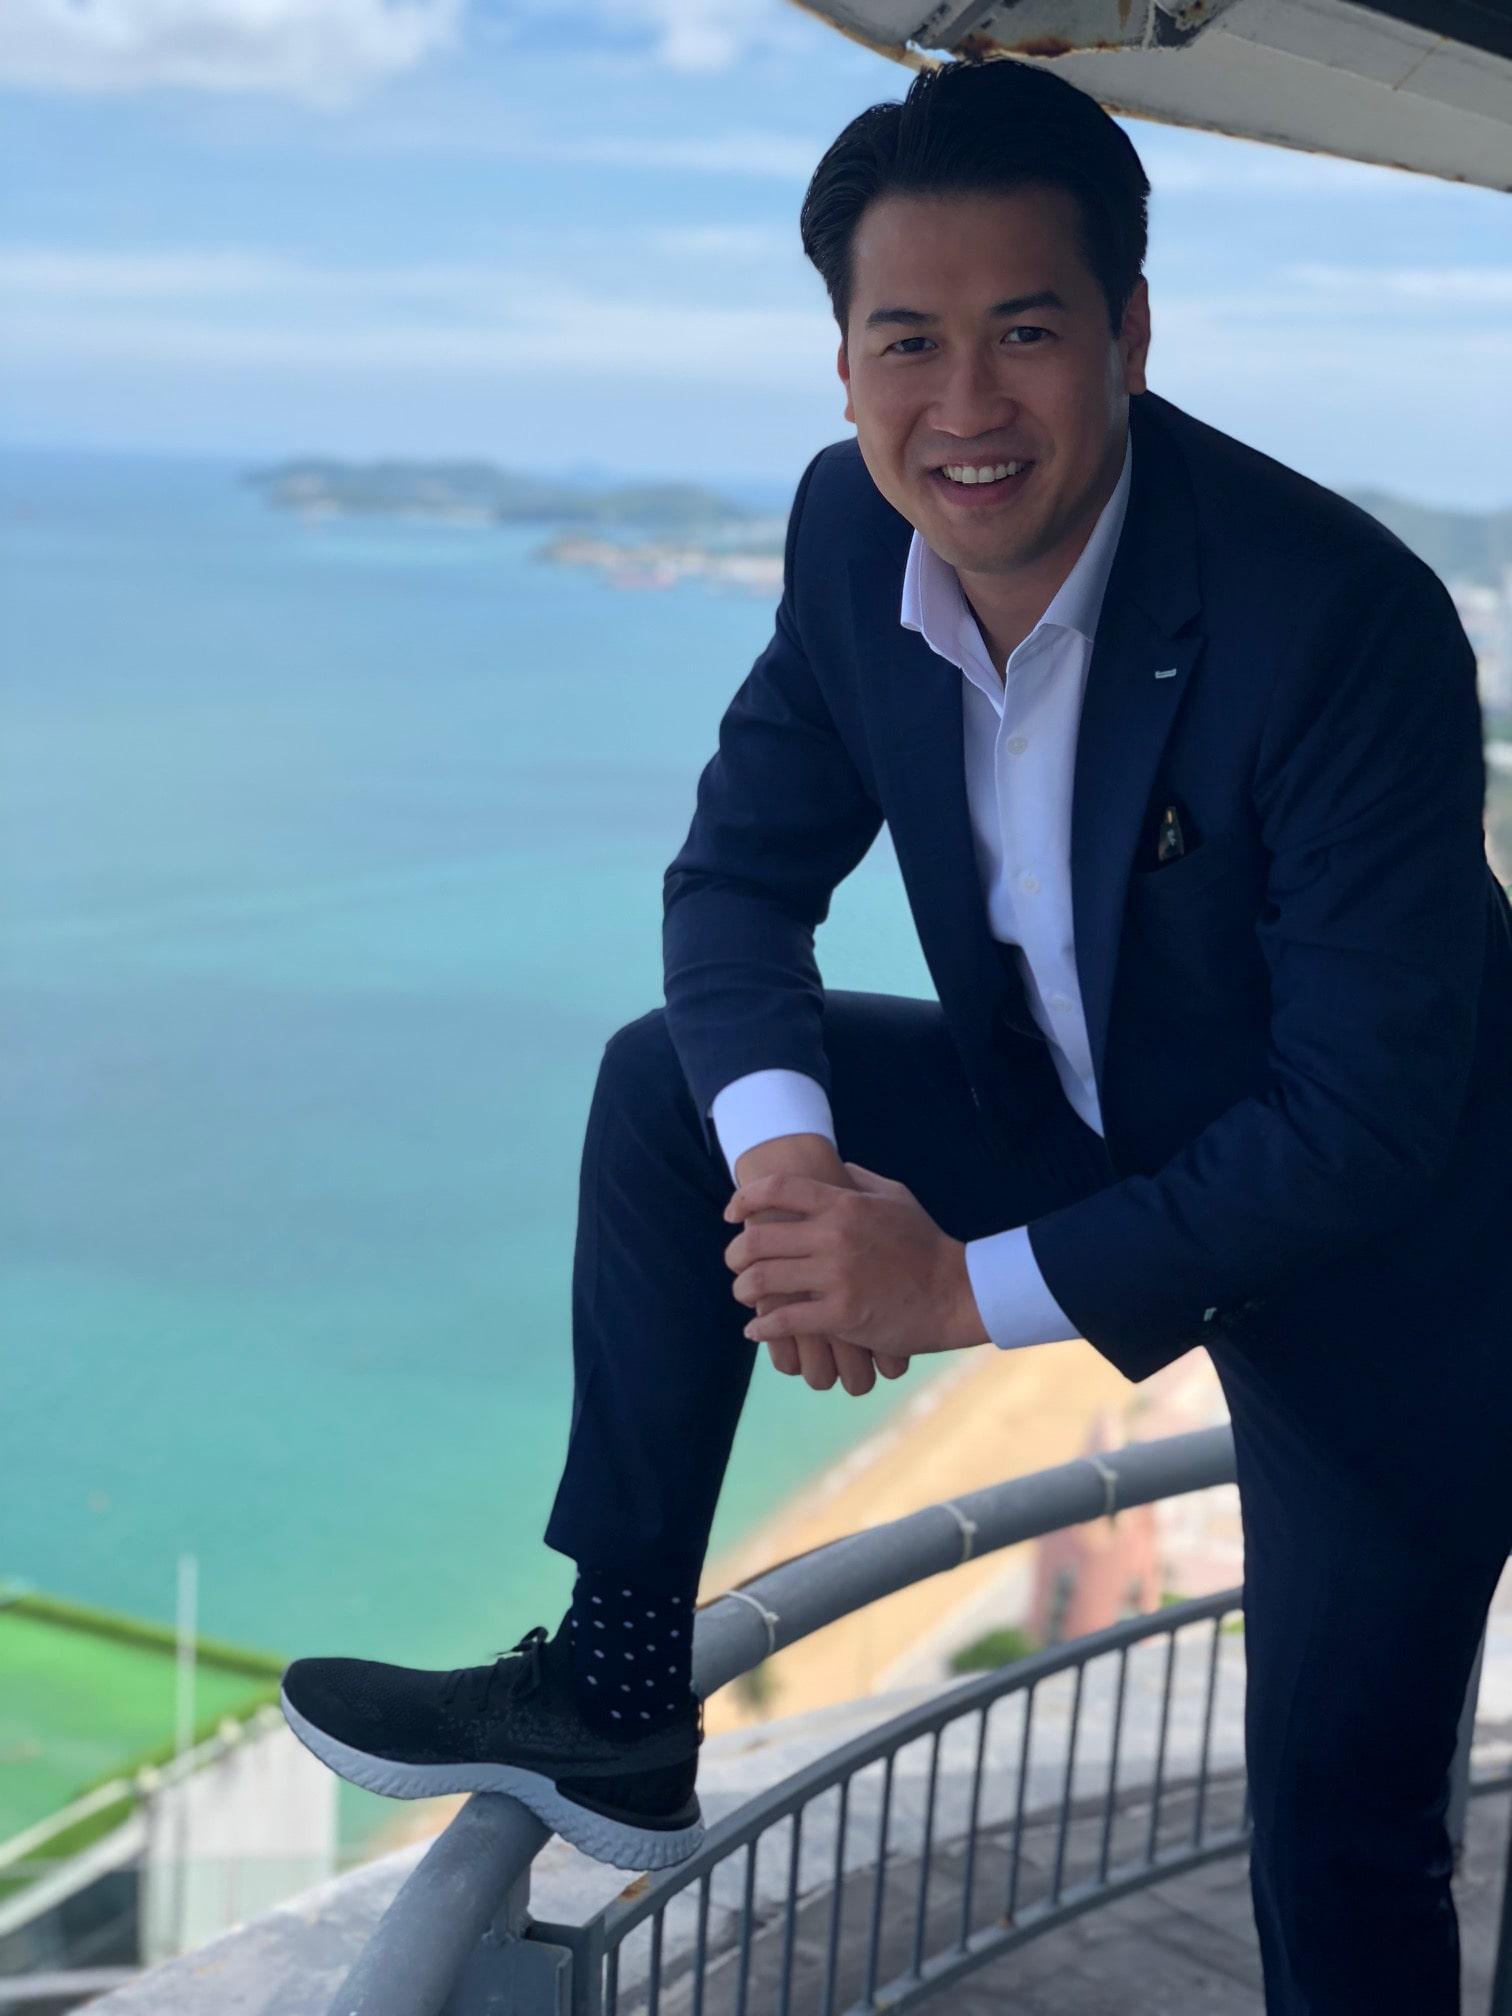 """Phillip Nguyễn tham gia """"Choose GO"""" Contest, trở thành đại sứ khơi nguồn cảm hứng cho giới trẻ - Ảnh 1."""